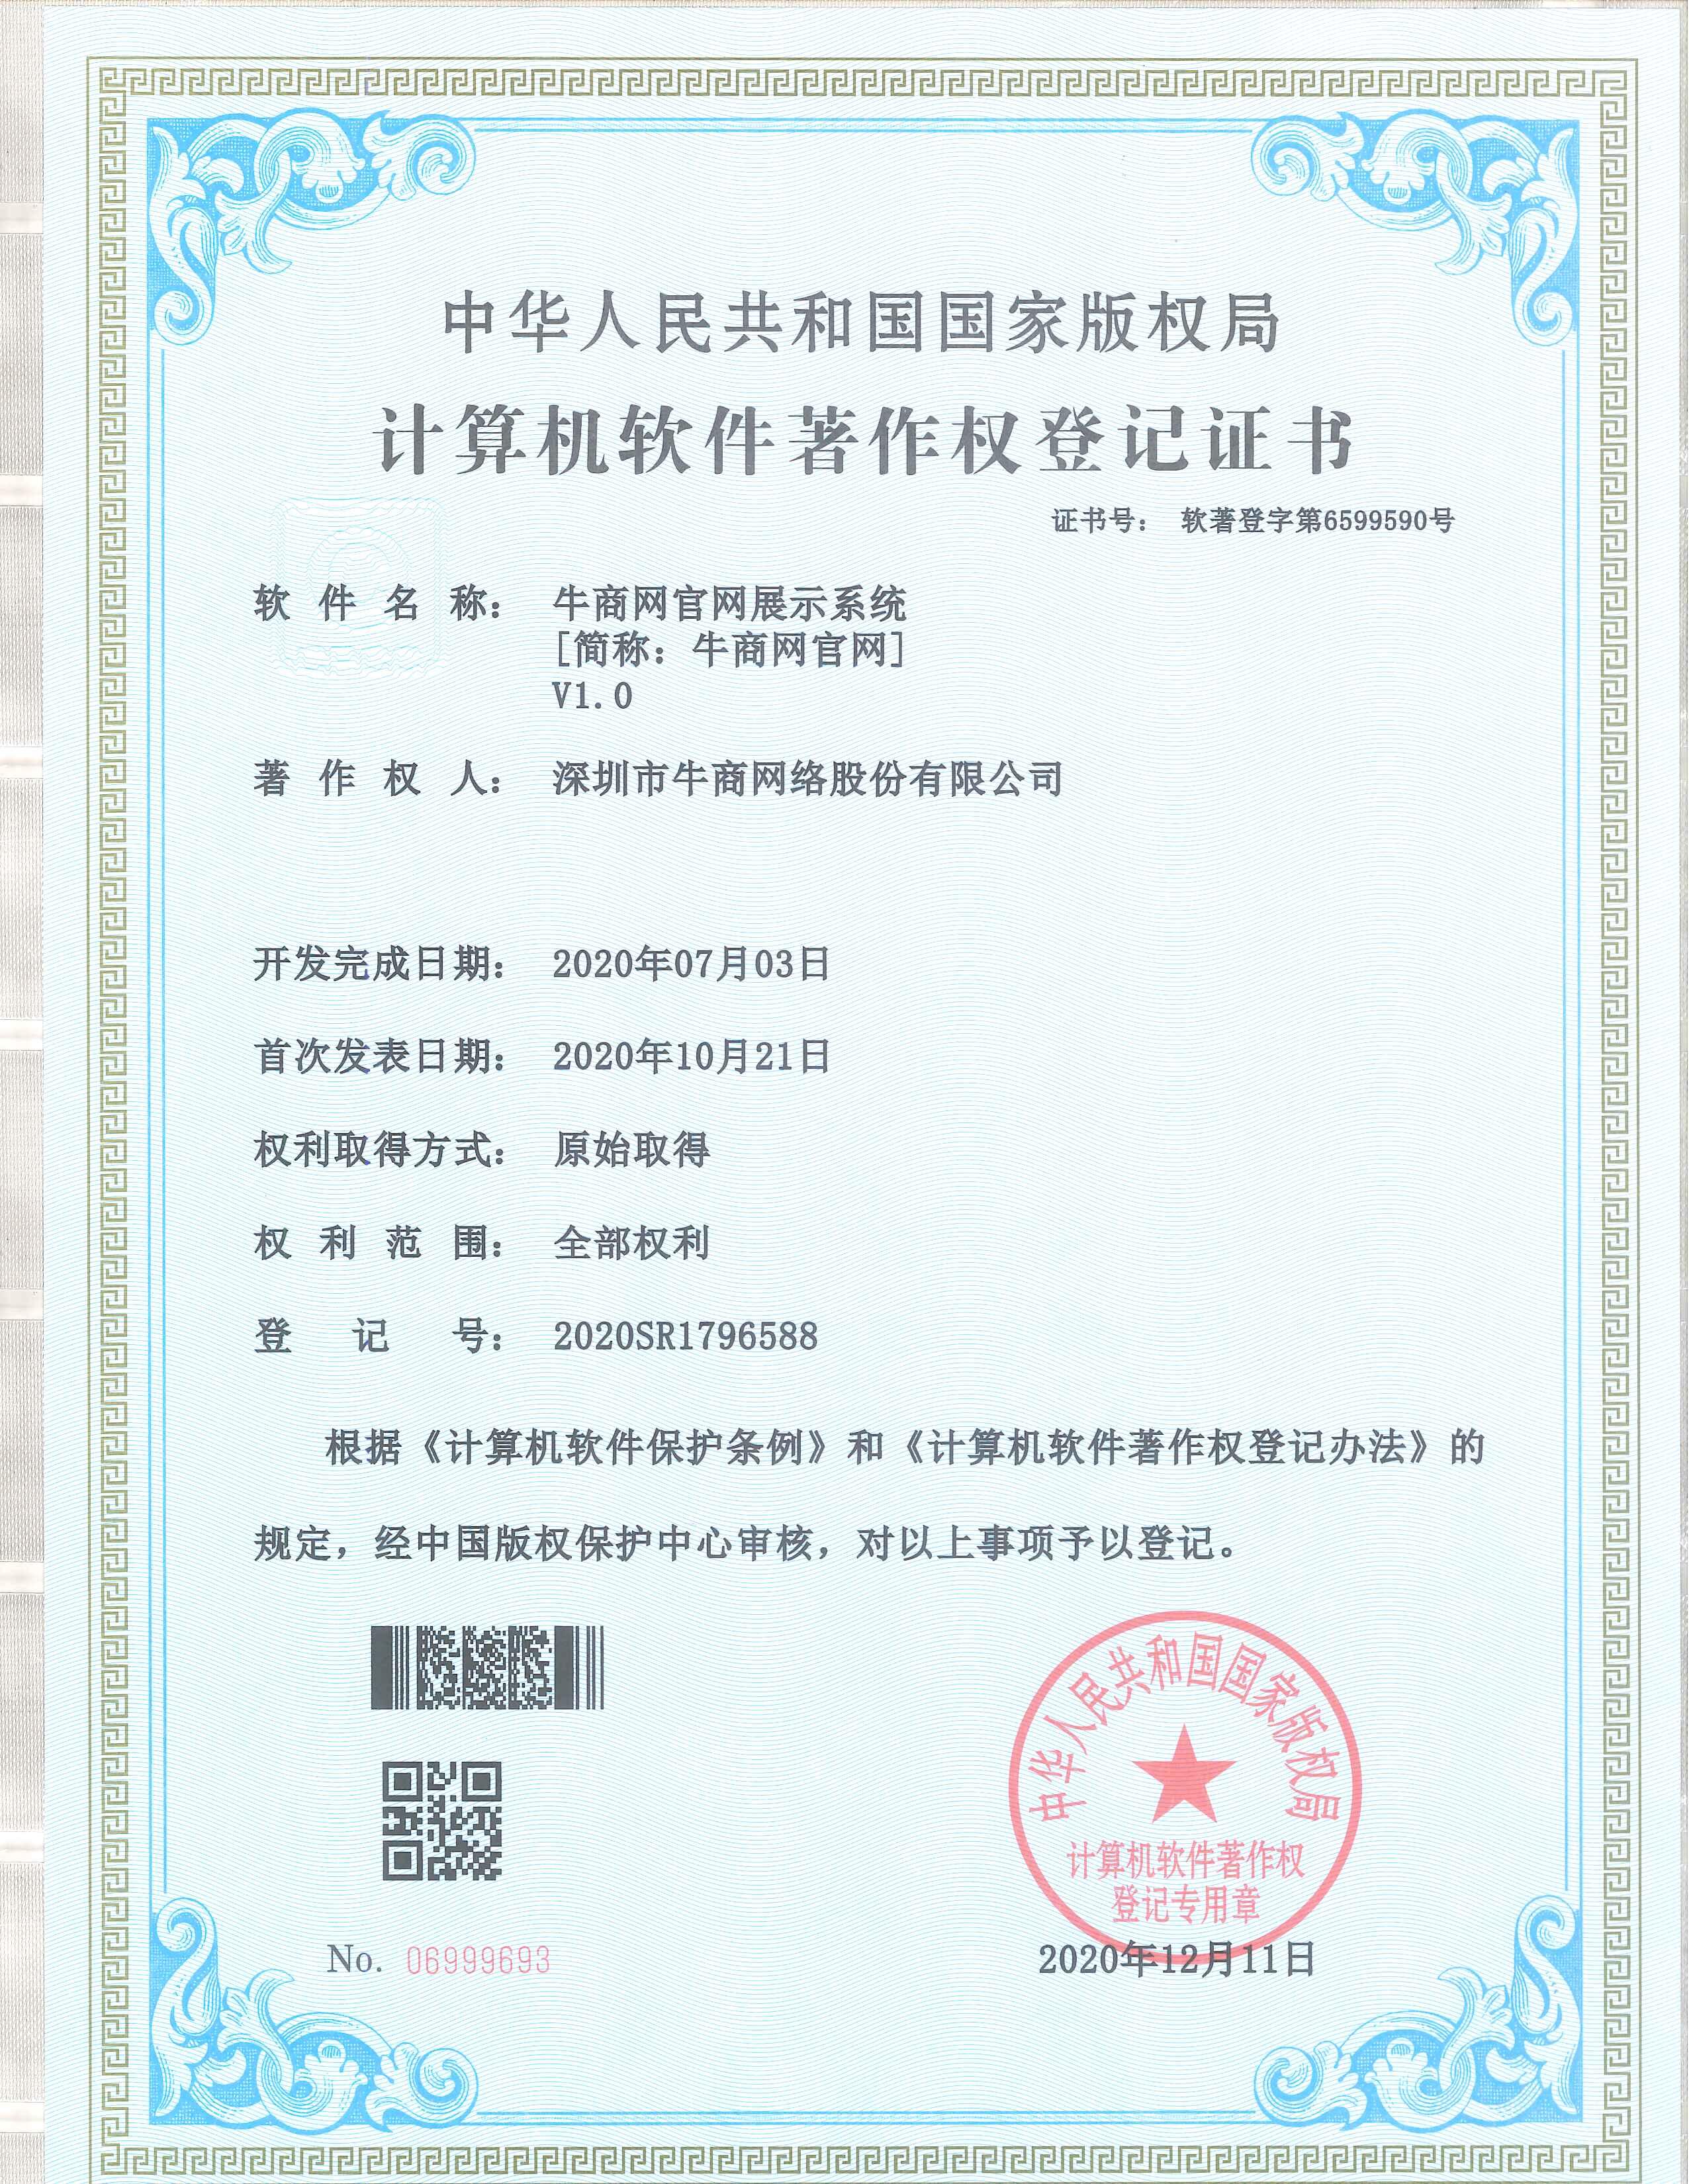 牛商网官网展示系统证书